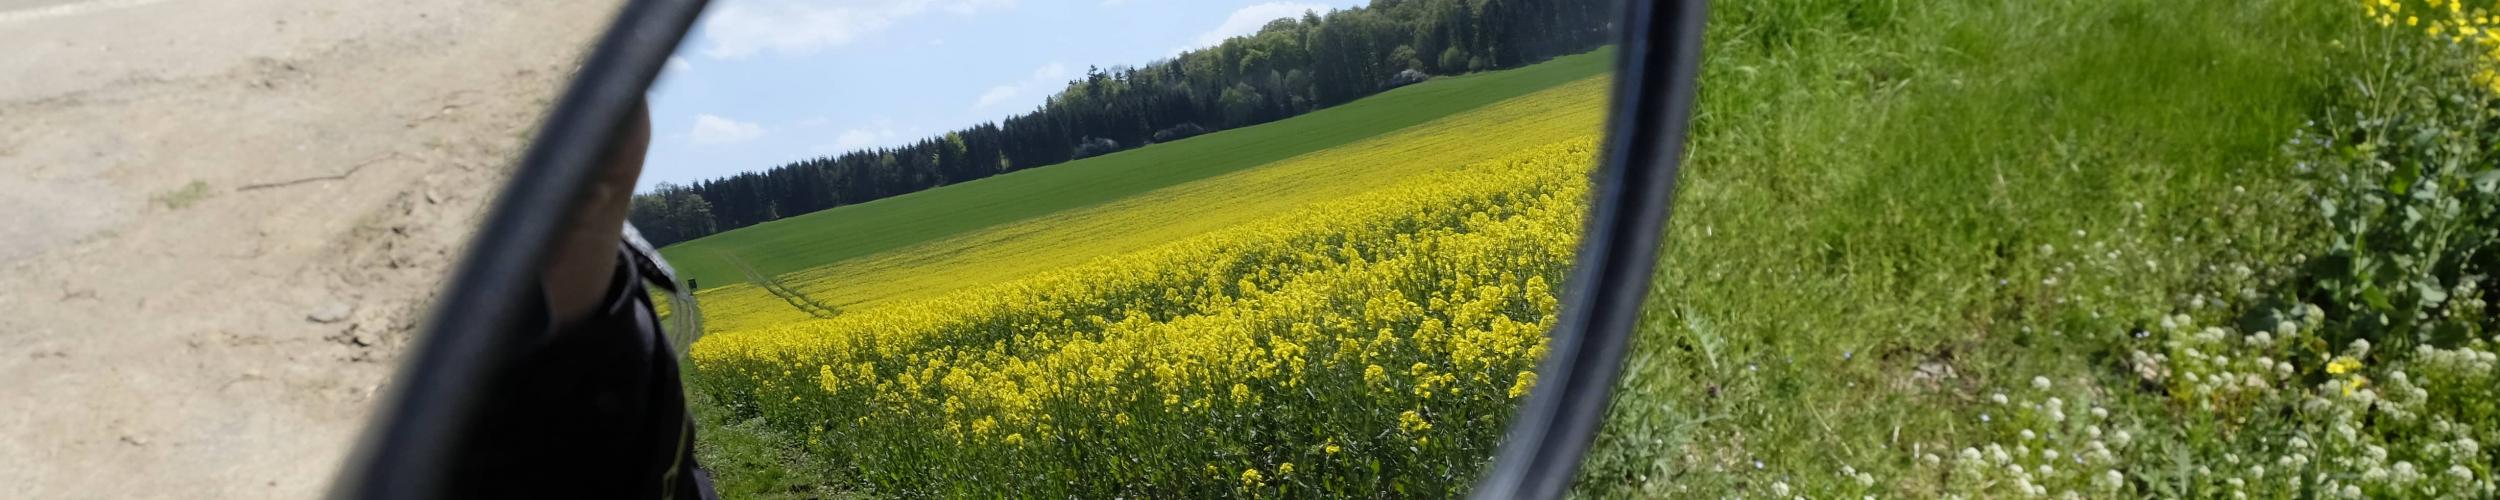 Motorreis Moezel Kattenes - Altijd goed | Motorreizen Duitsland